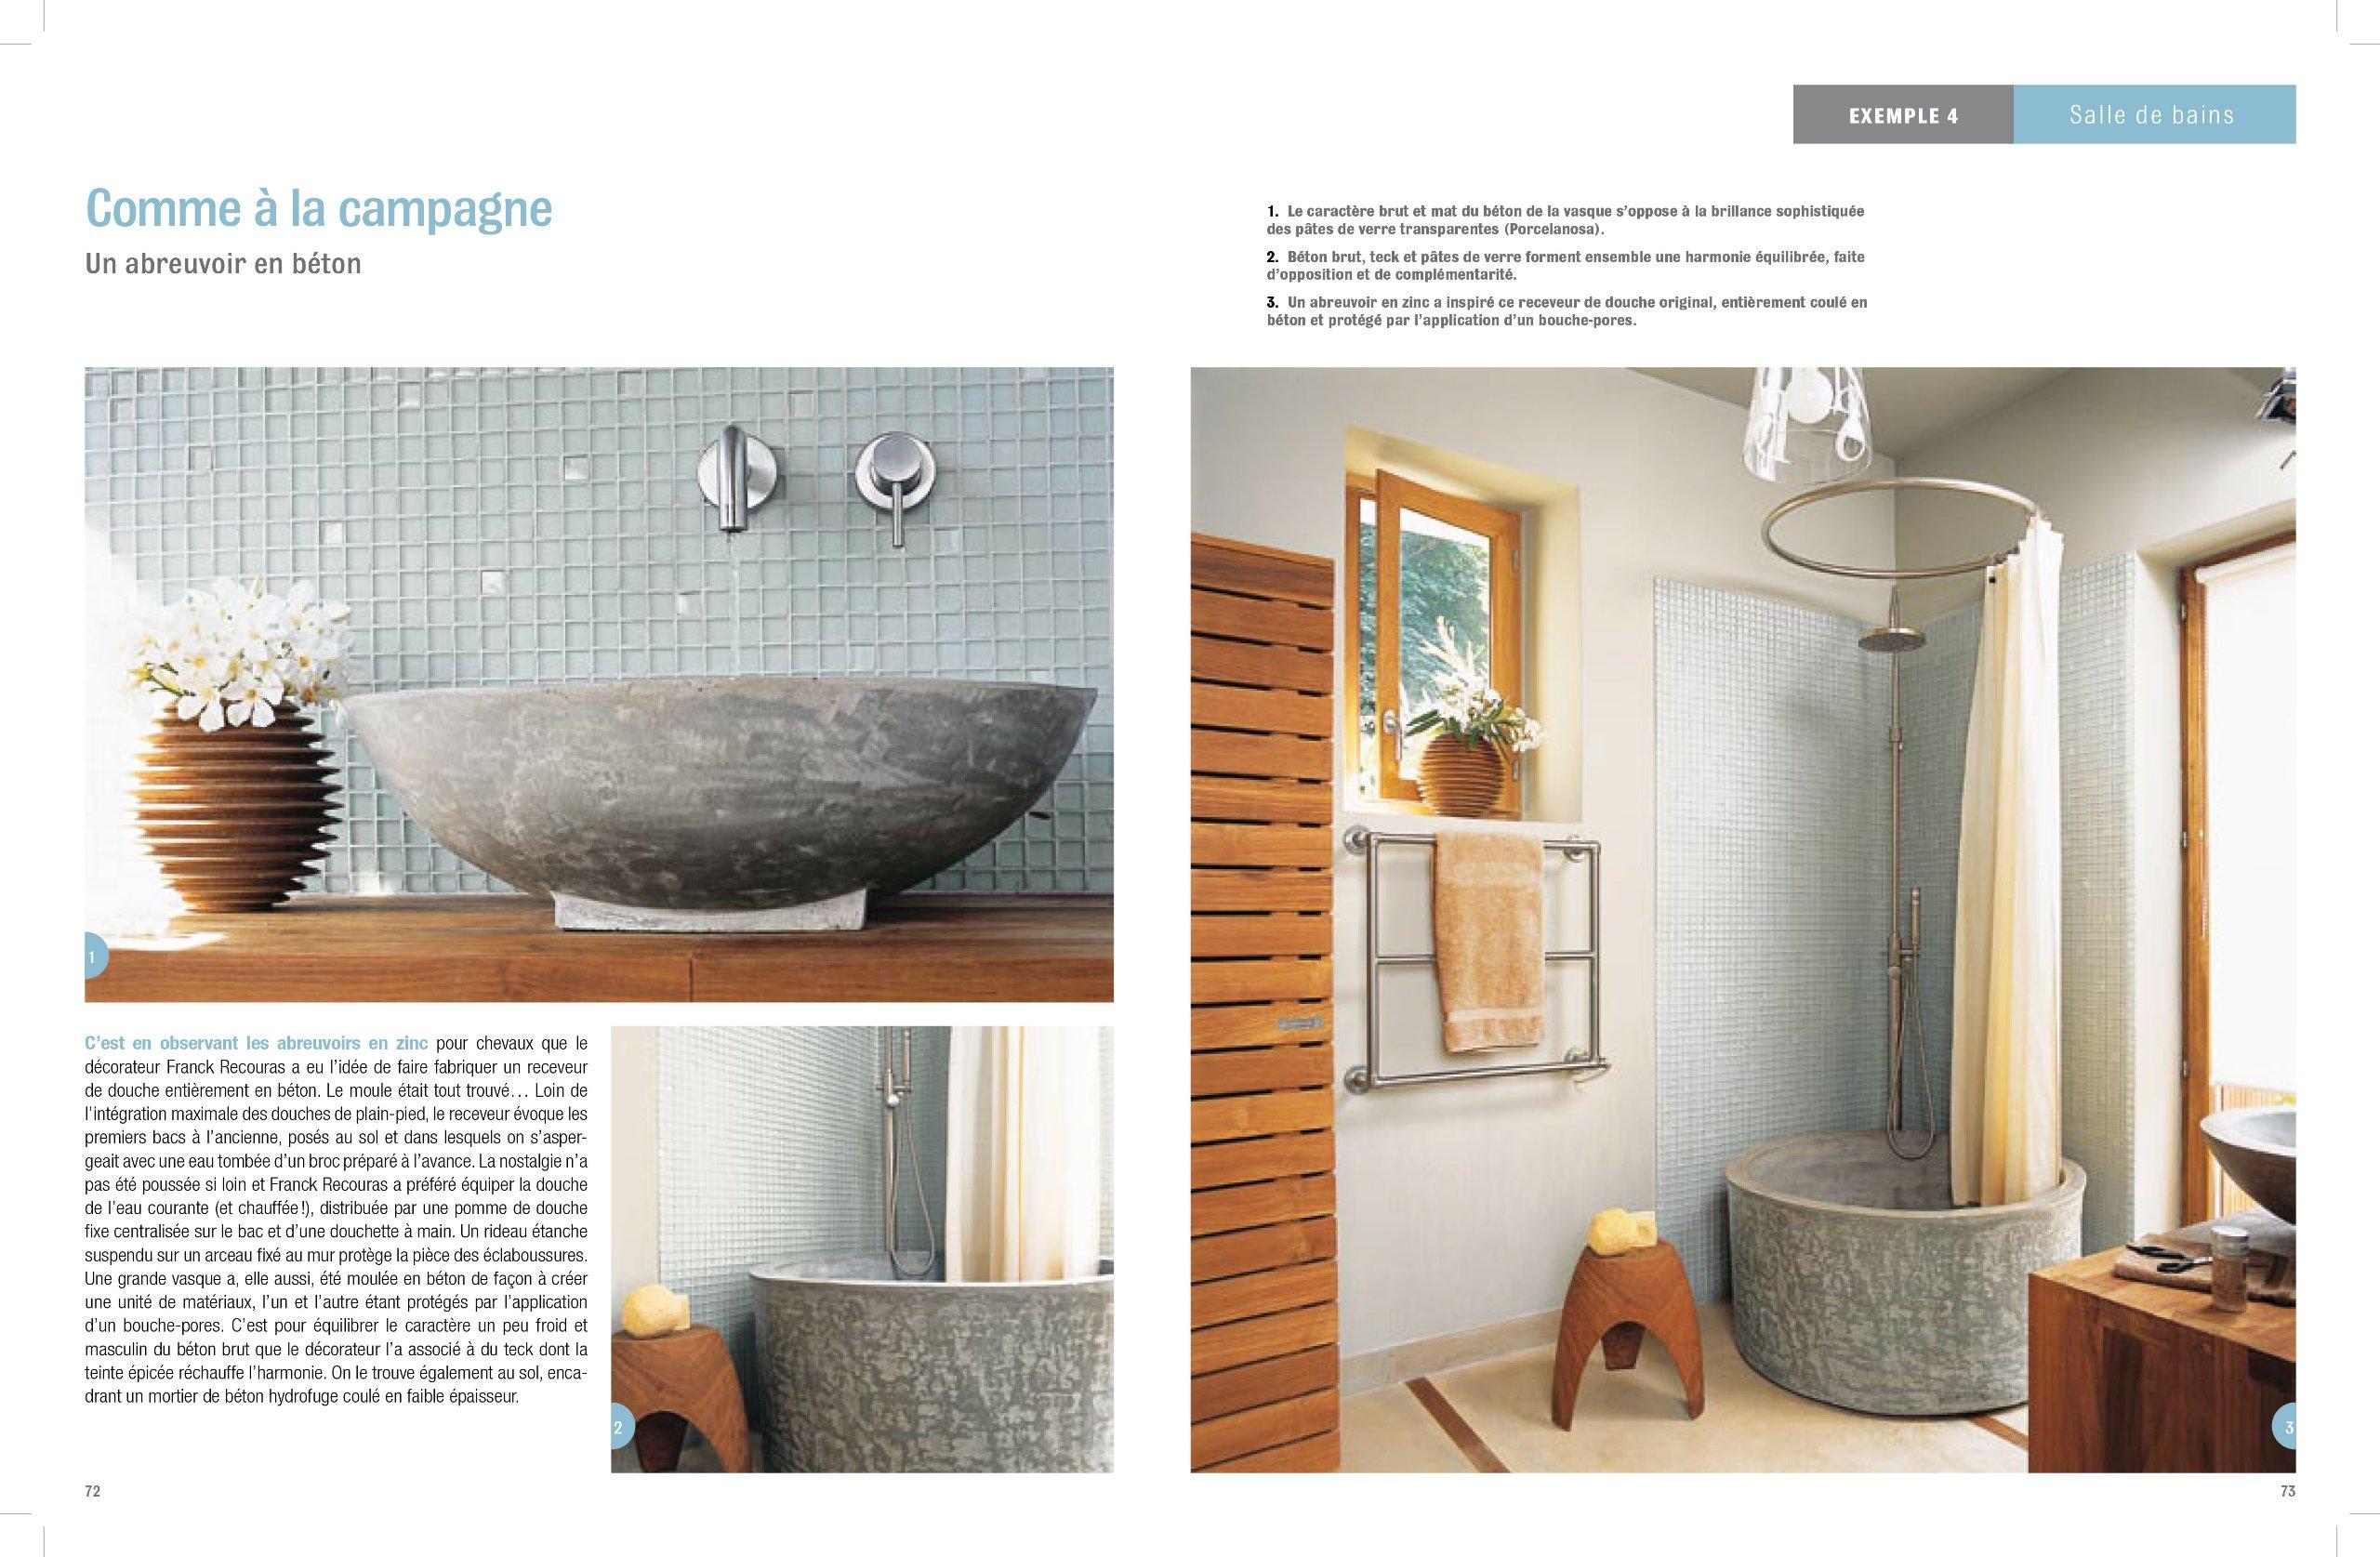 porcelanosa plan de campagne cool porcelanosa with porcelanosa plan de campagne carrelage plan. Black Bedroom Furniture Sets. Home Design Ideas